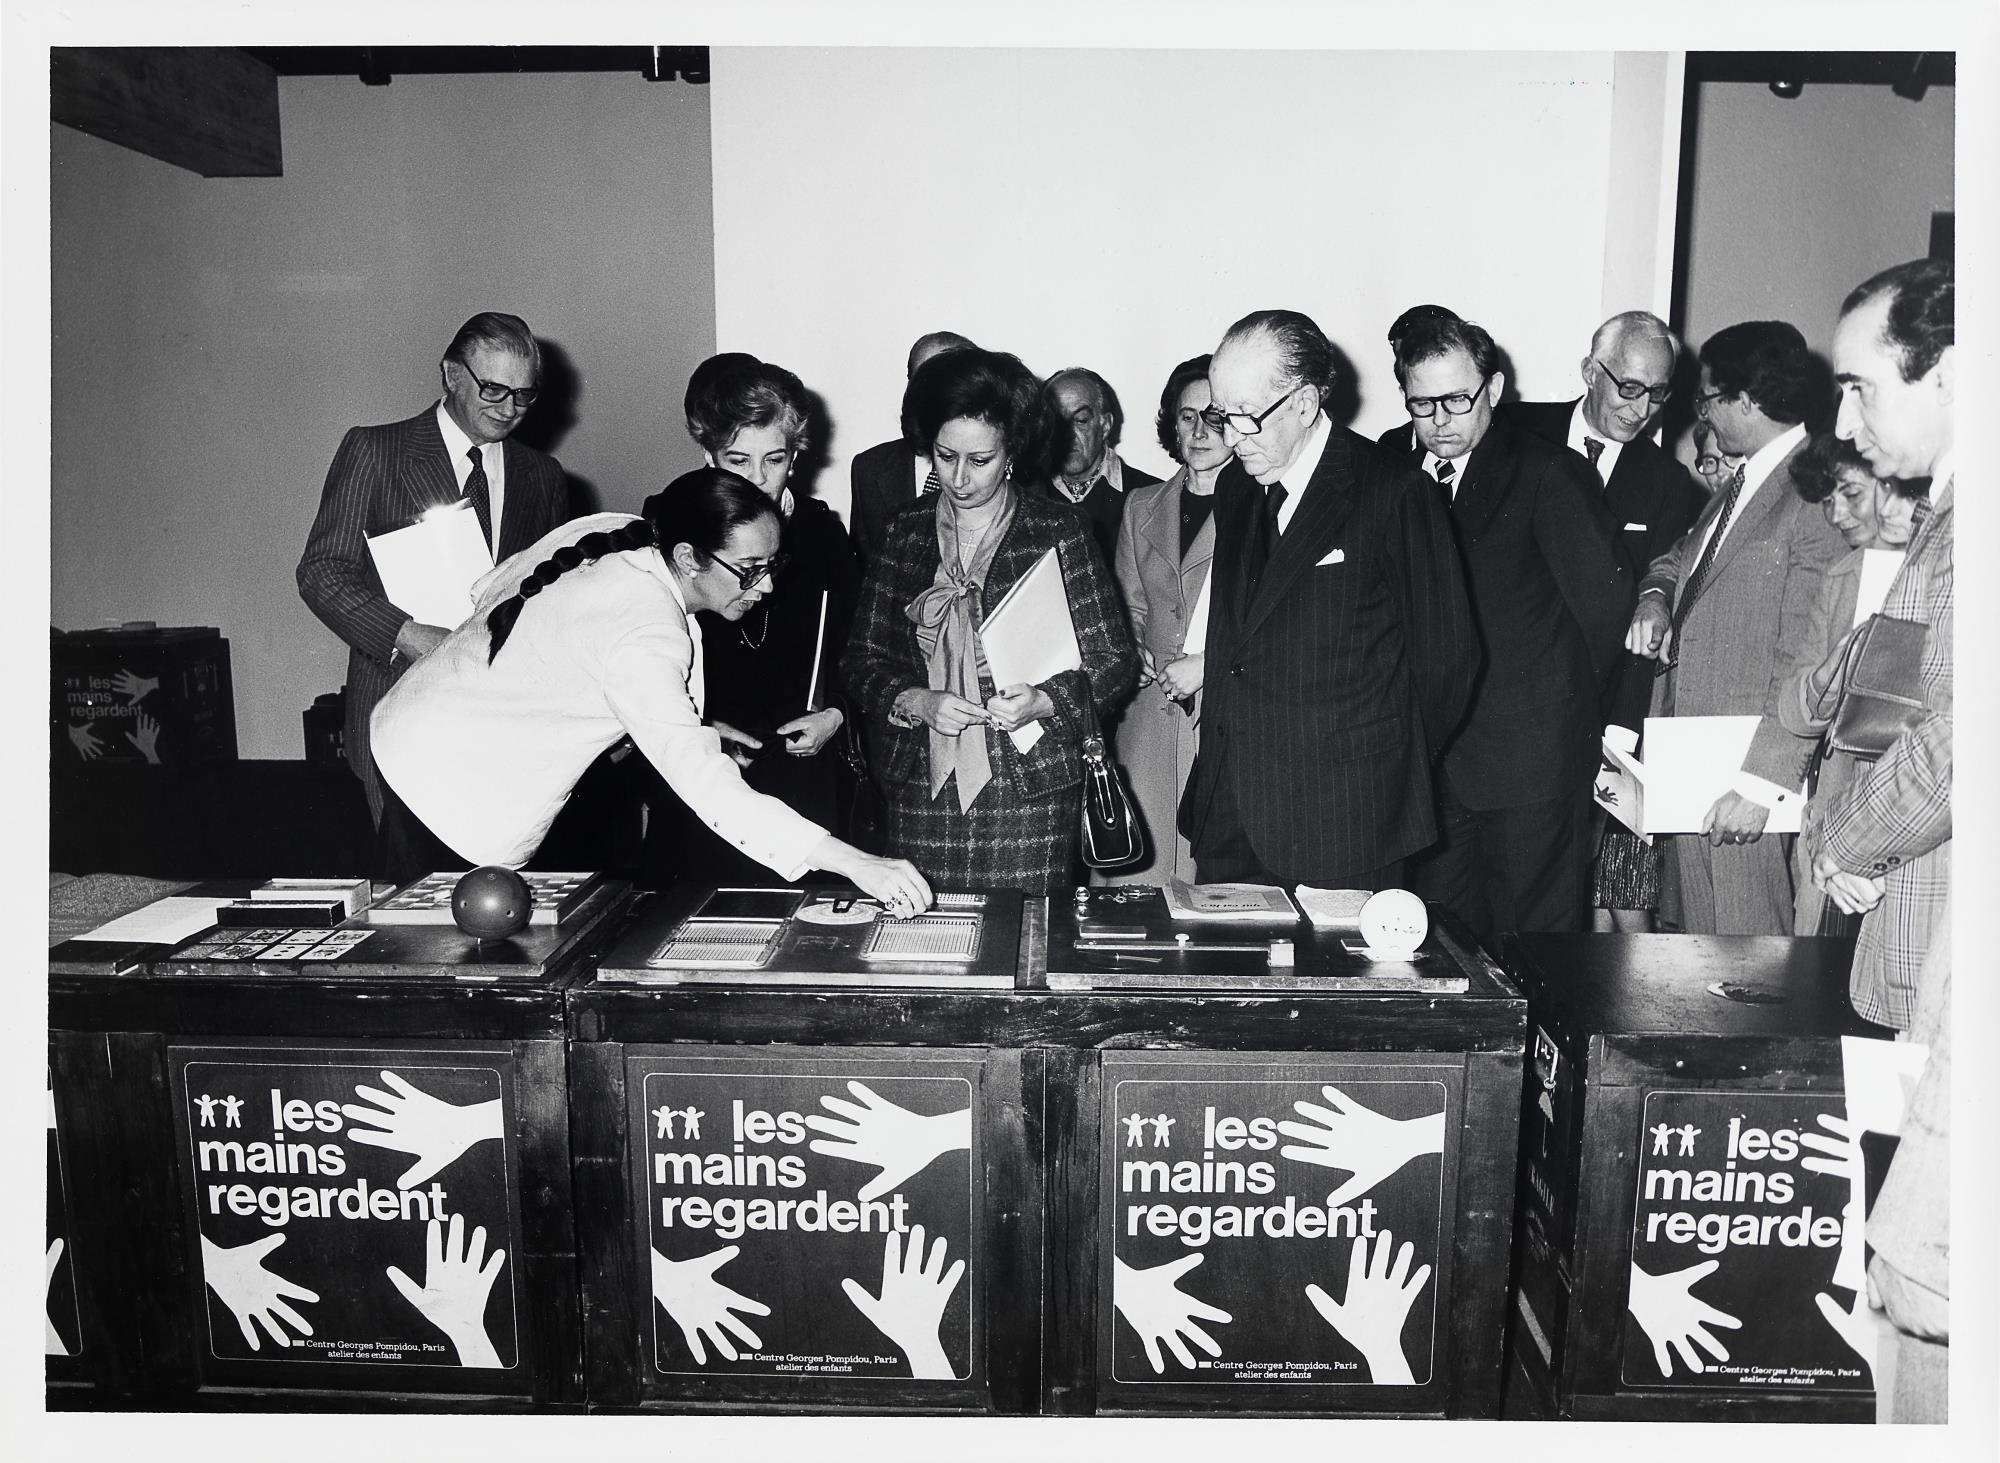 José Sommer Ribeiro (à esq.), Madalena de Azeredo Perdigão (atrás, à esq.), Manuela Eanes e José de Azeredo Perdigão (ao centro)